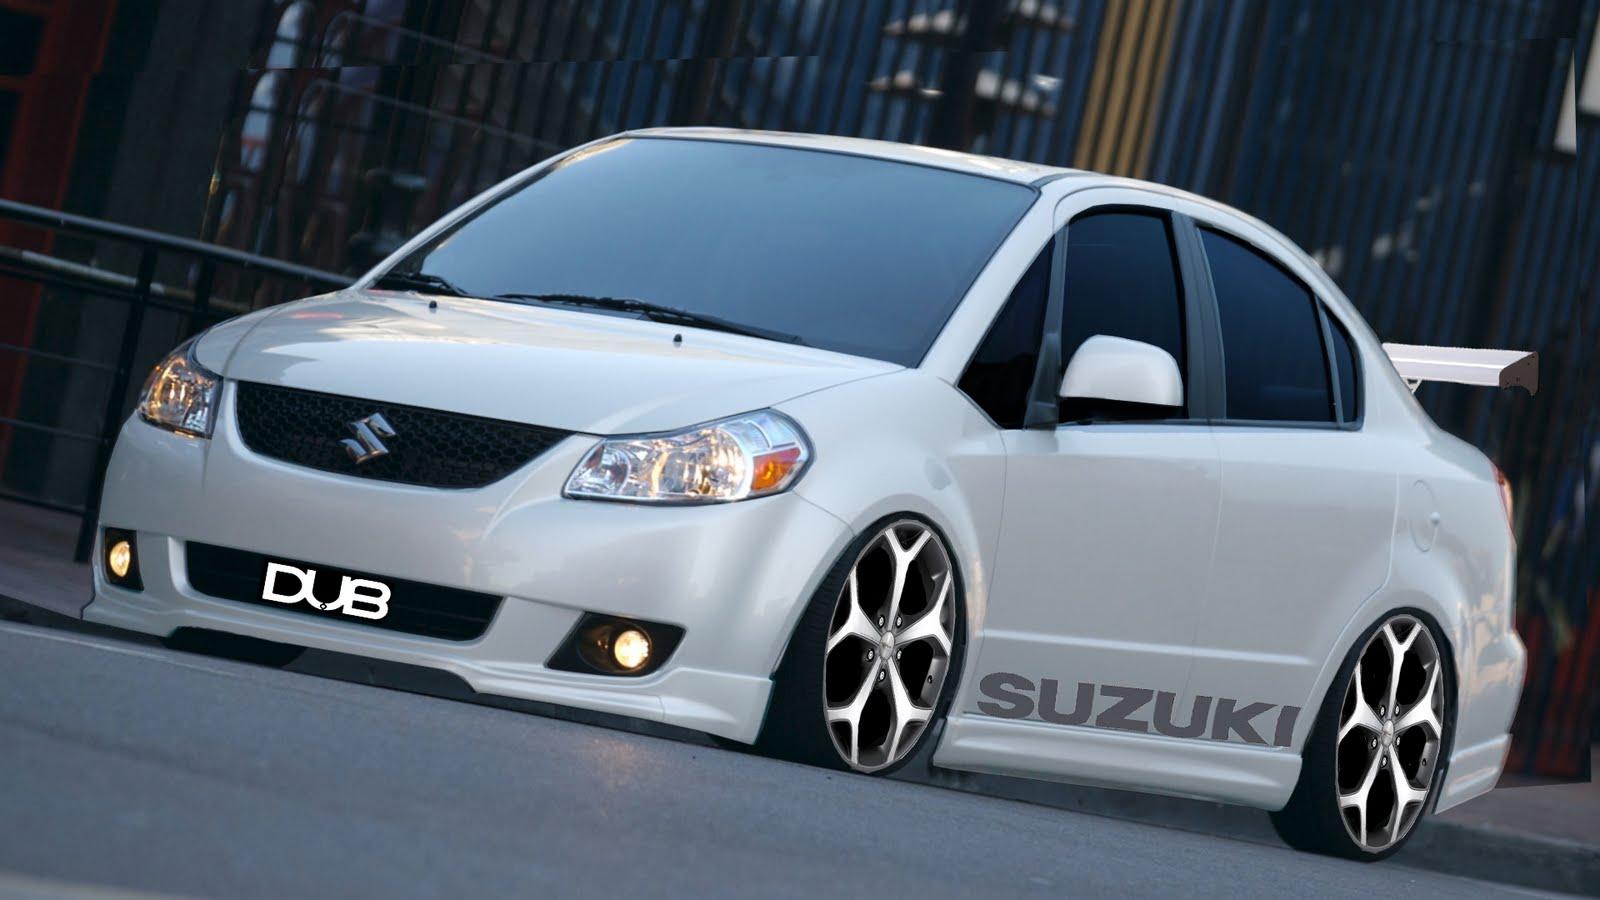 Suzuki SX4 Sedan Tuning